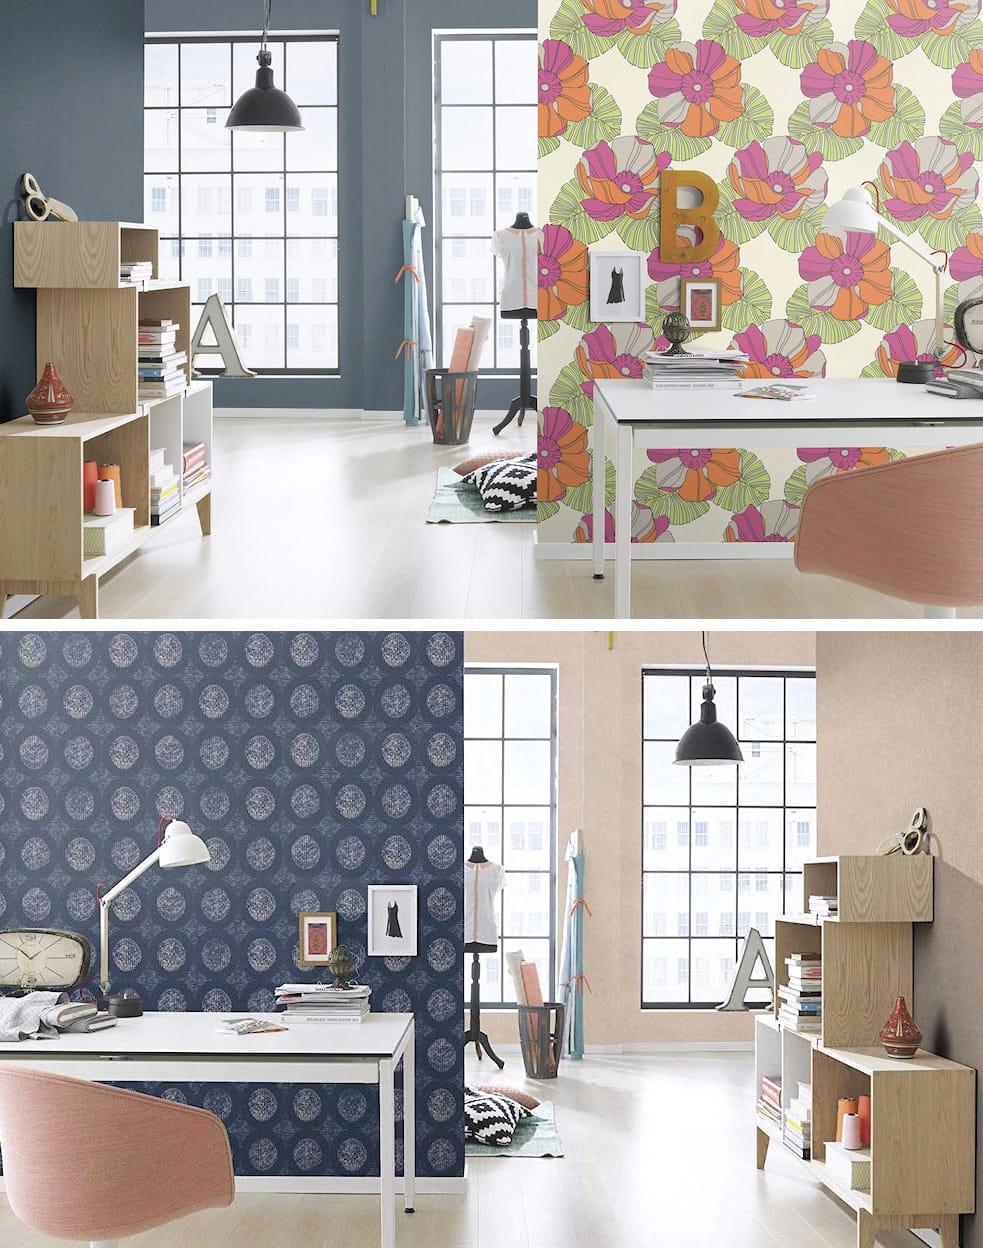 Для создания неповторимого дизайн, достаточно оформить красивыми обоями хотя бы одну стену, главное чтобы они хорошо вписались в общую стилистику интерьера